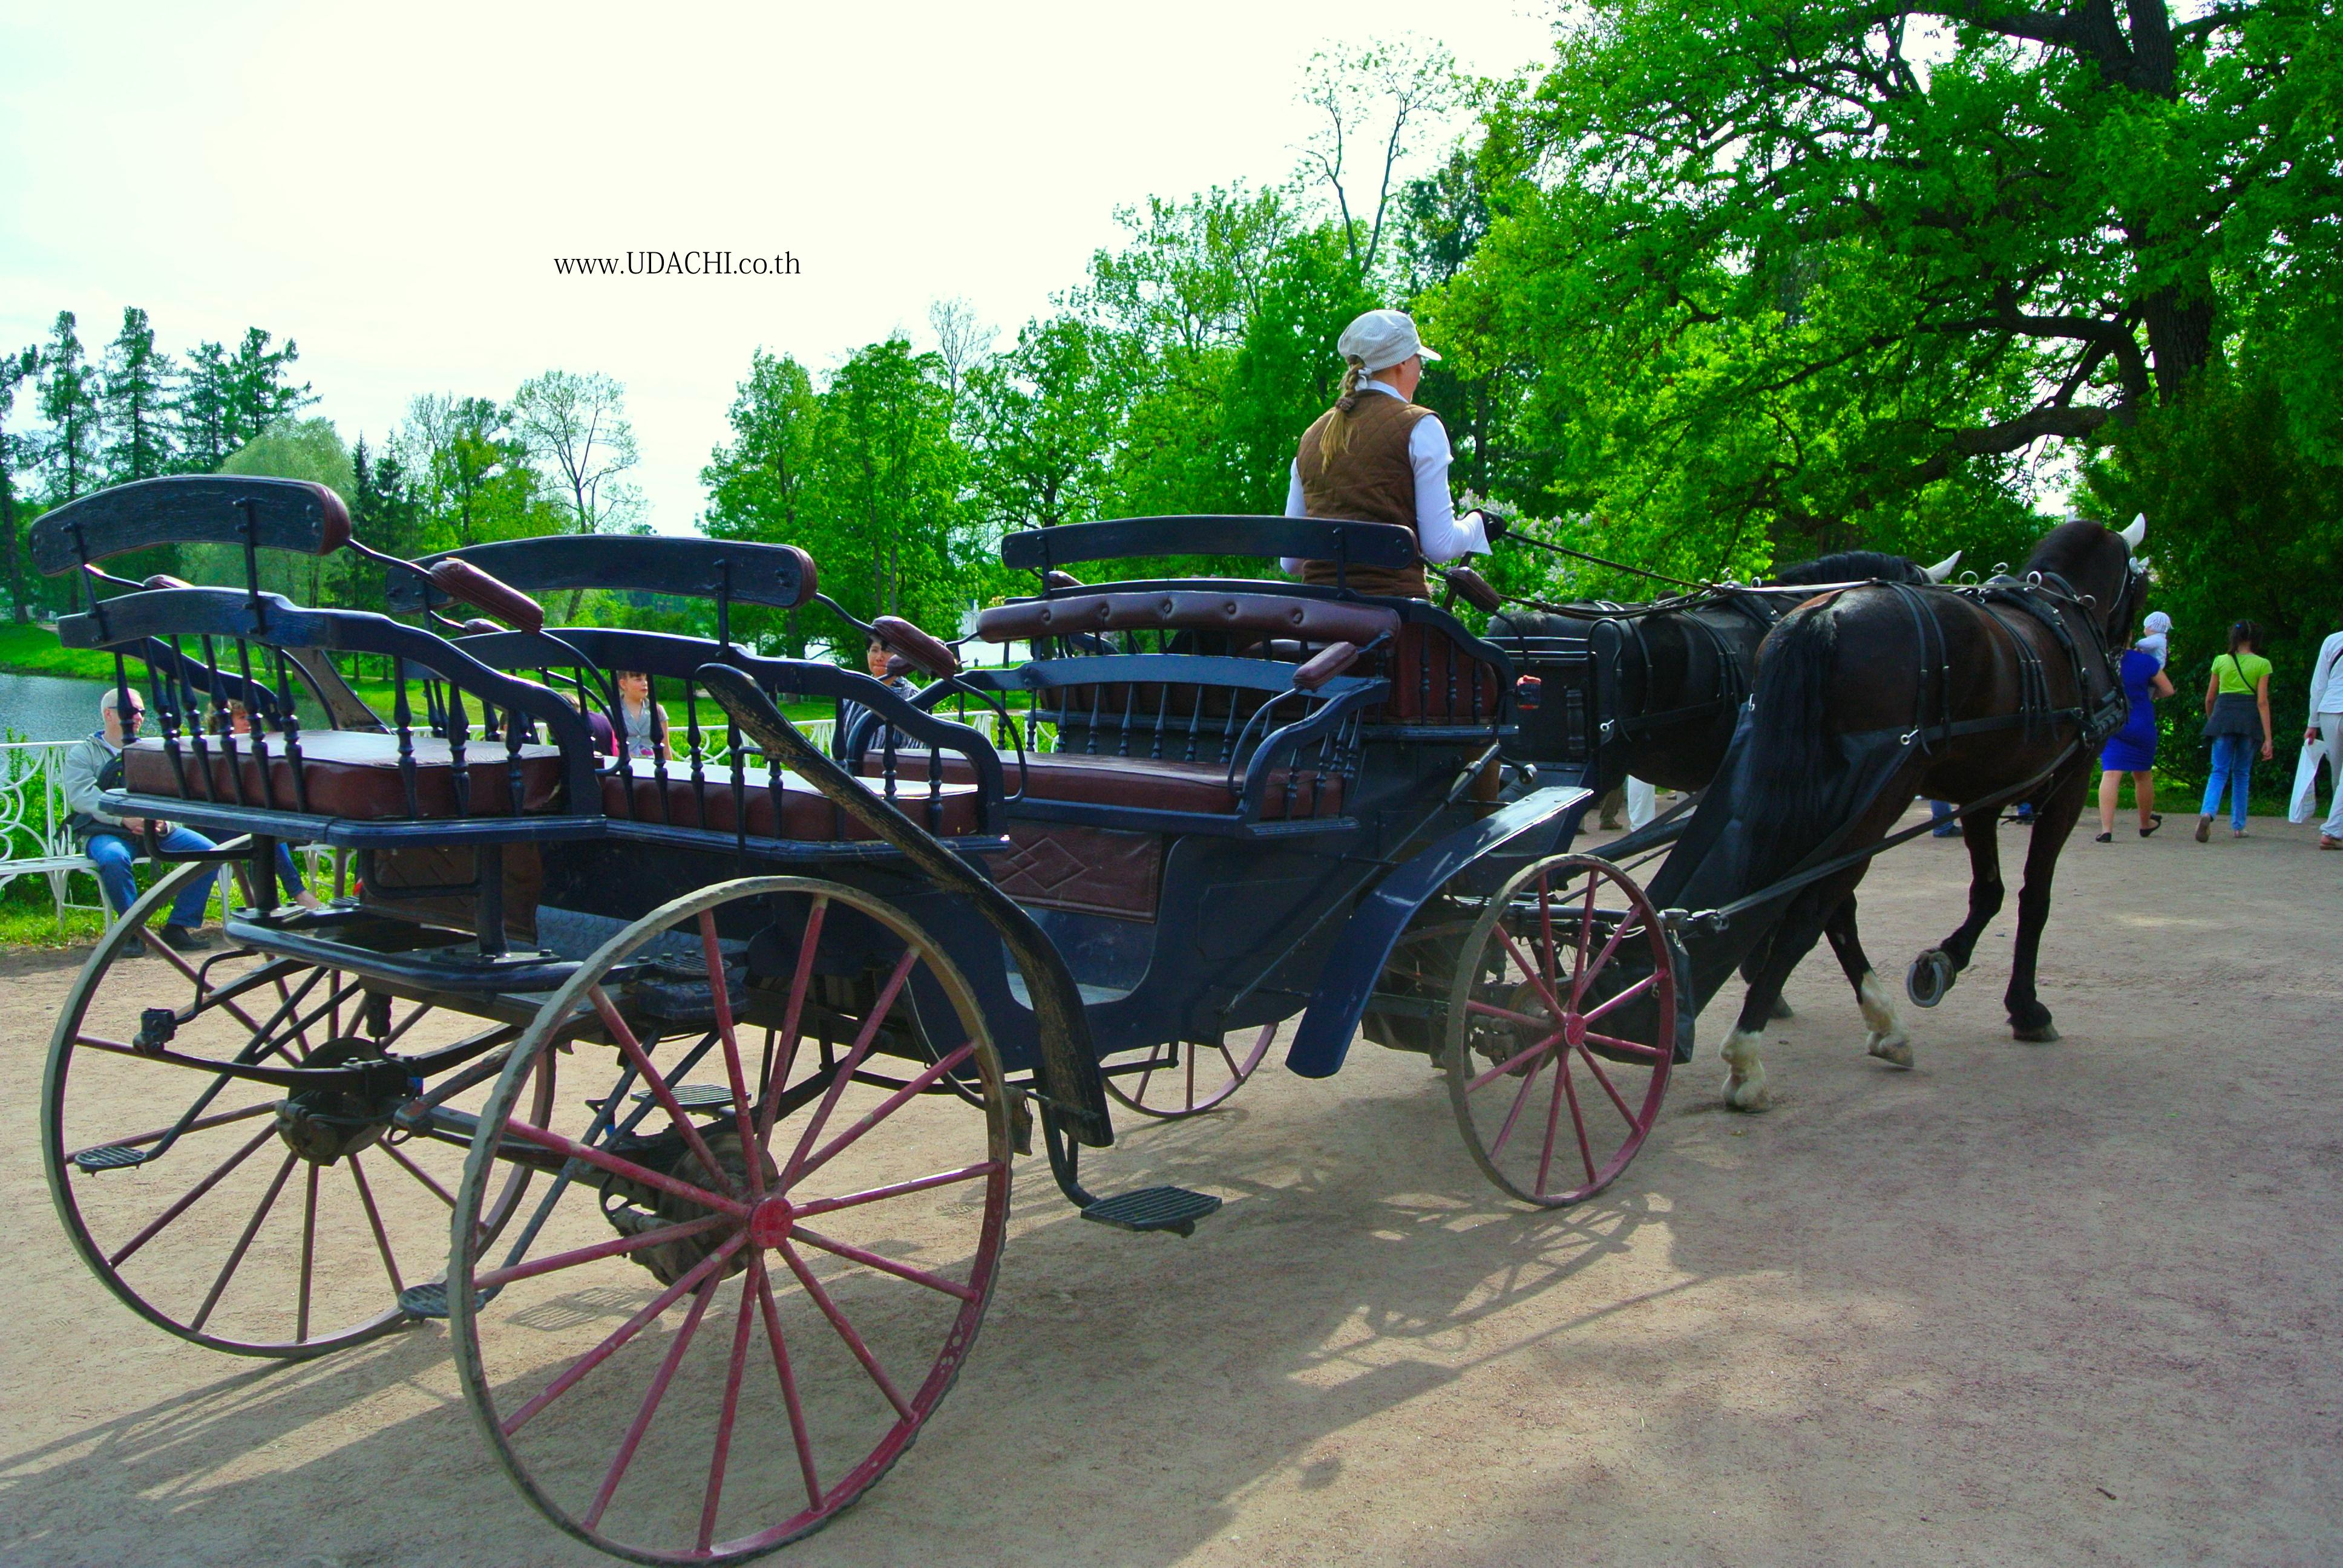 นั่งรถม้าชมสวนพระราชวังแคทเธอรีน